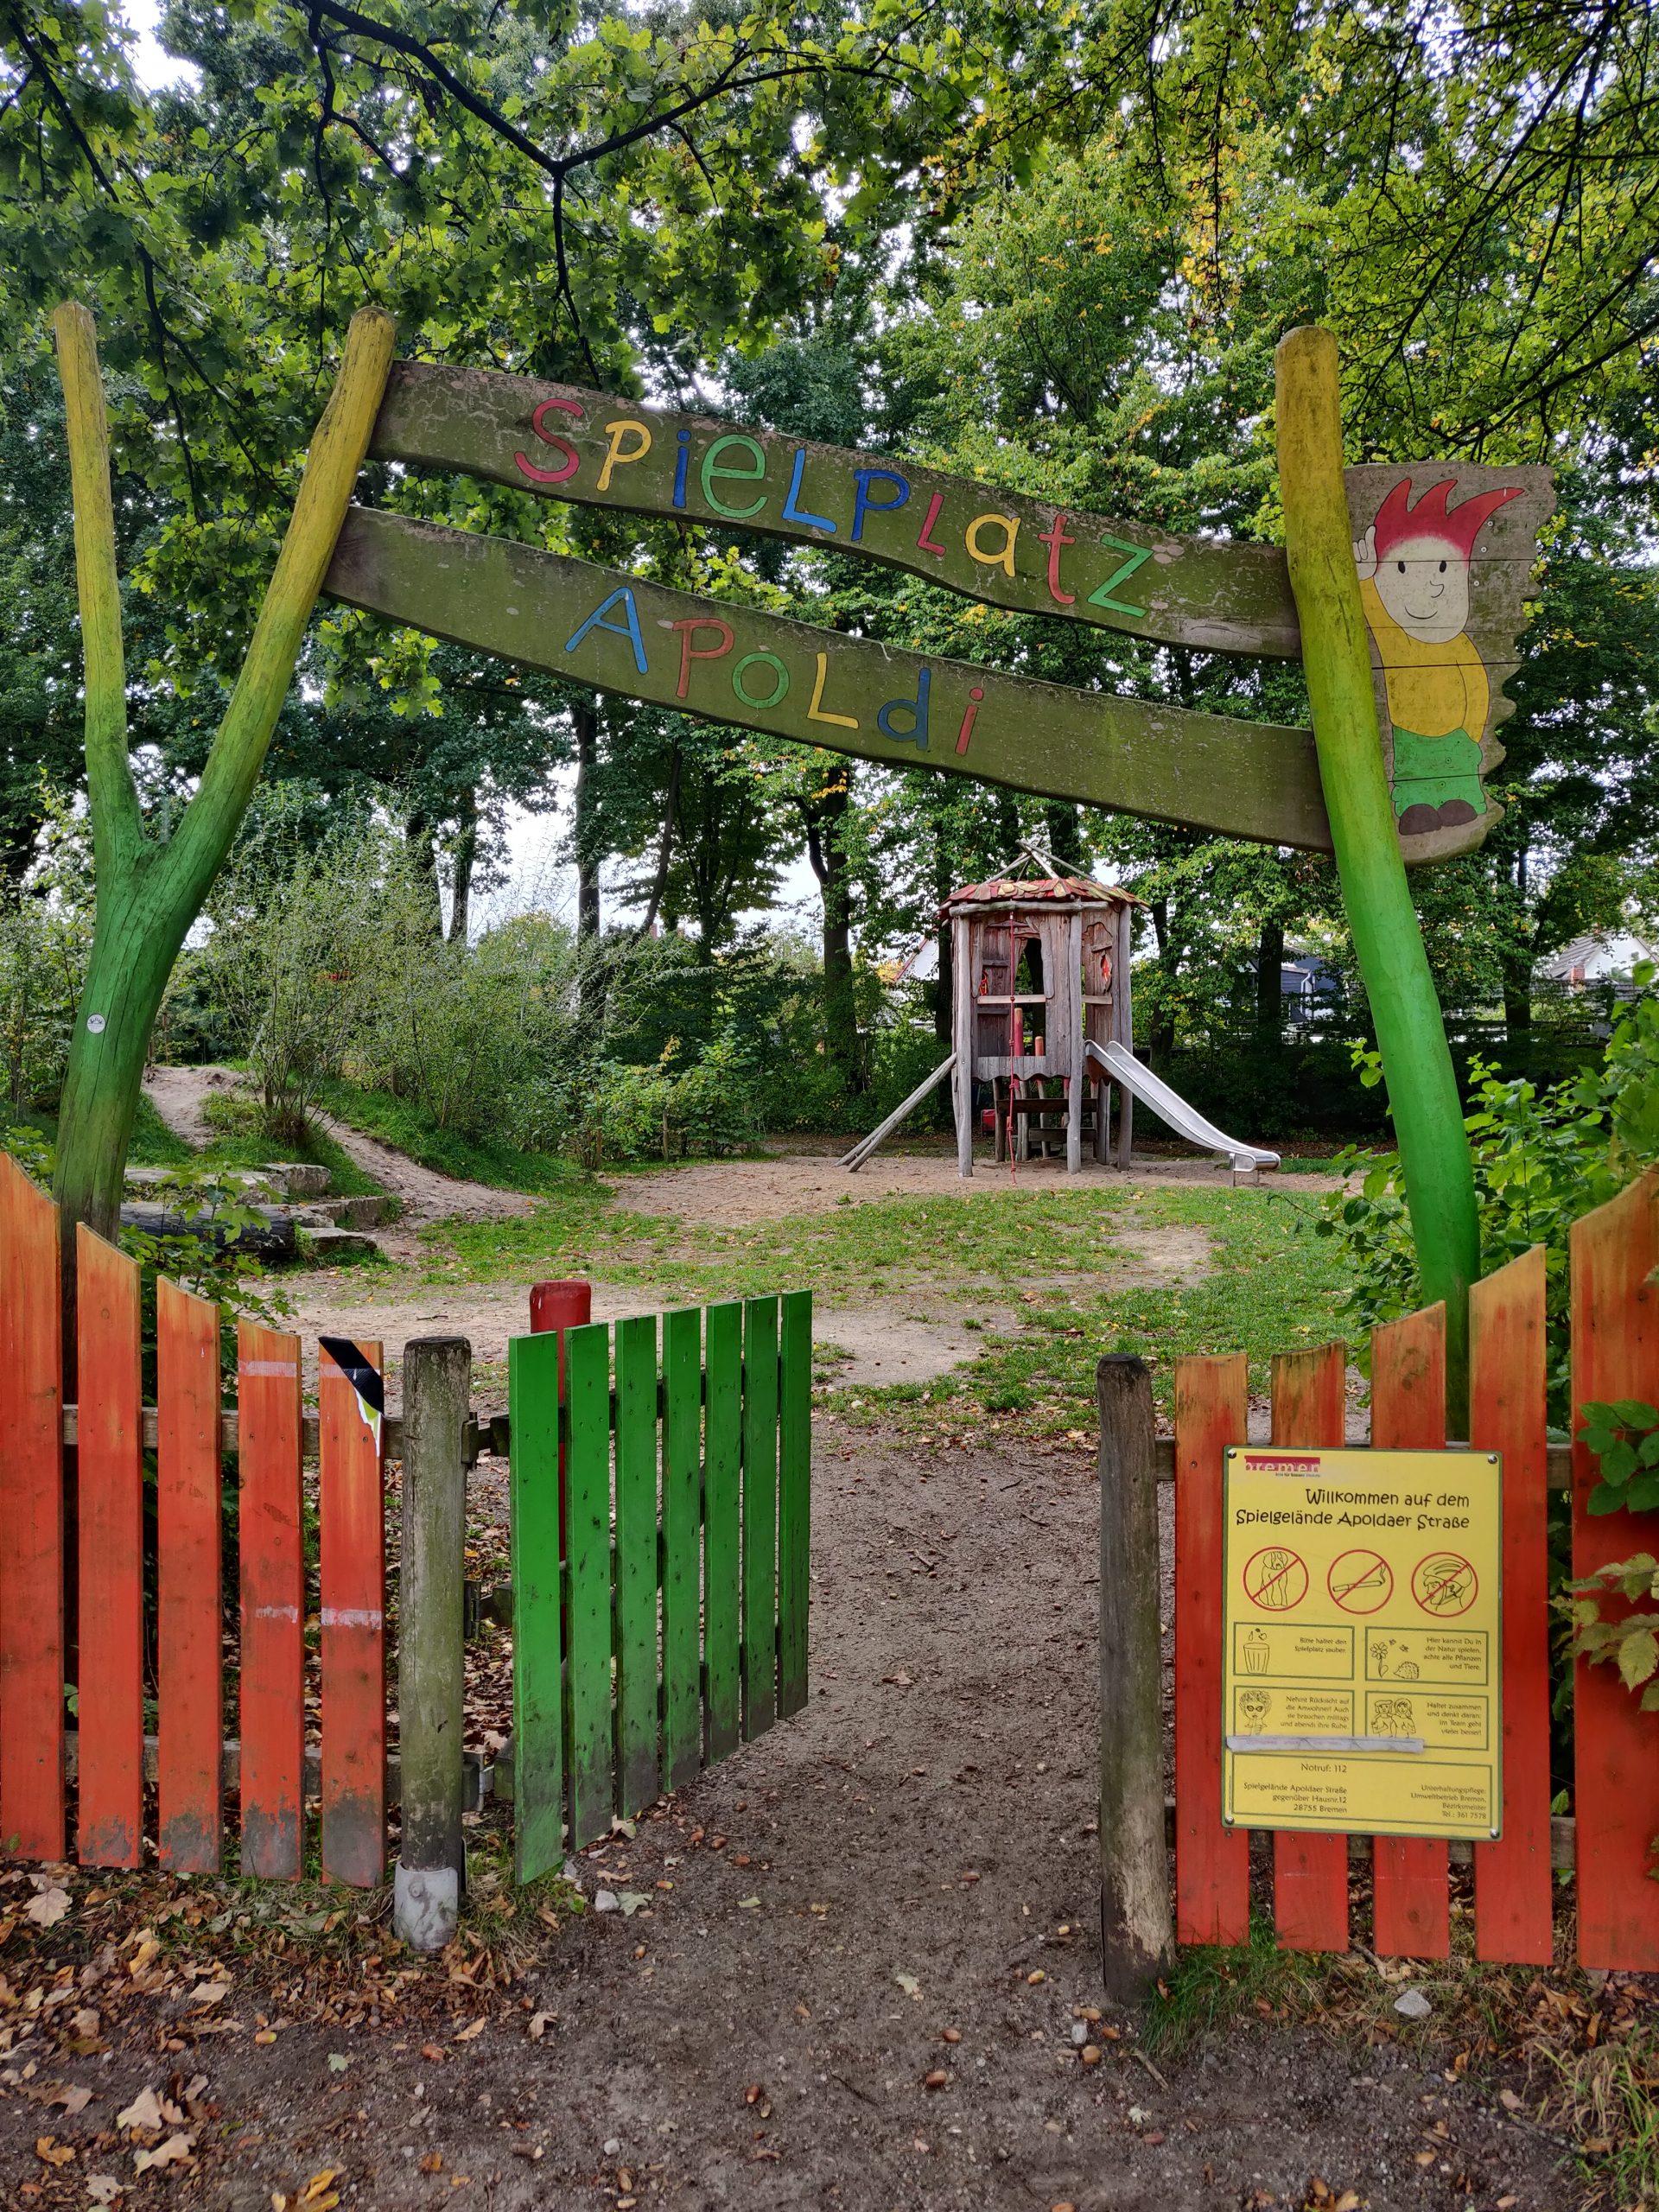 Eingang Apoldi Spielplatz